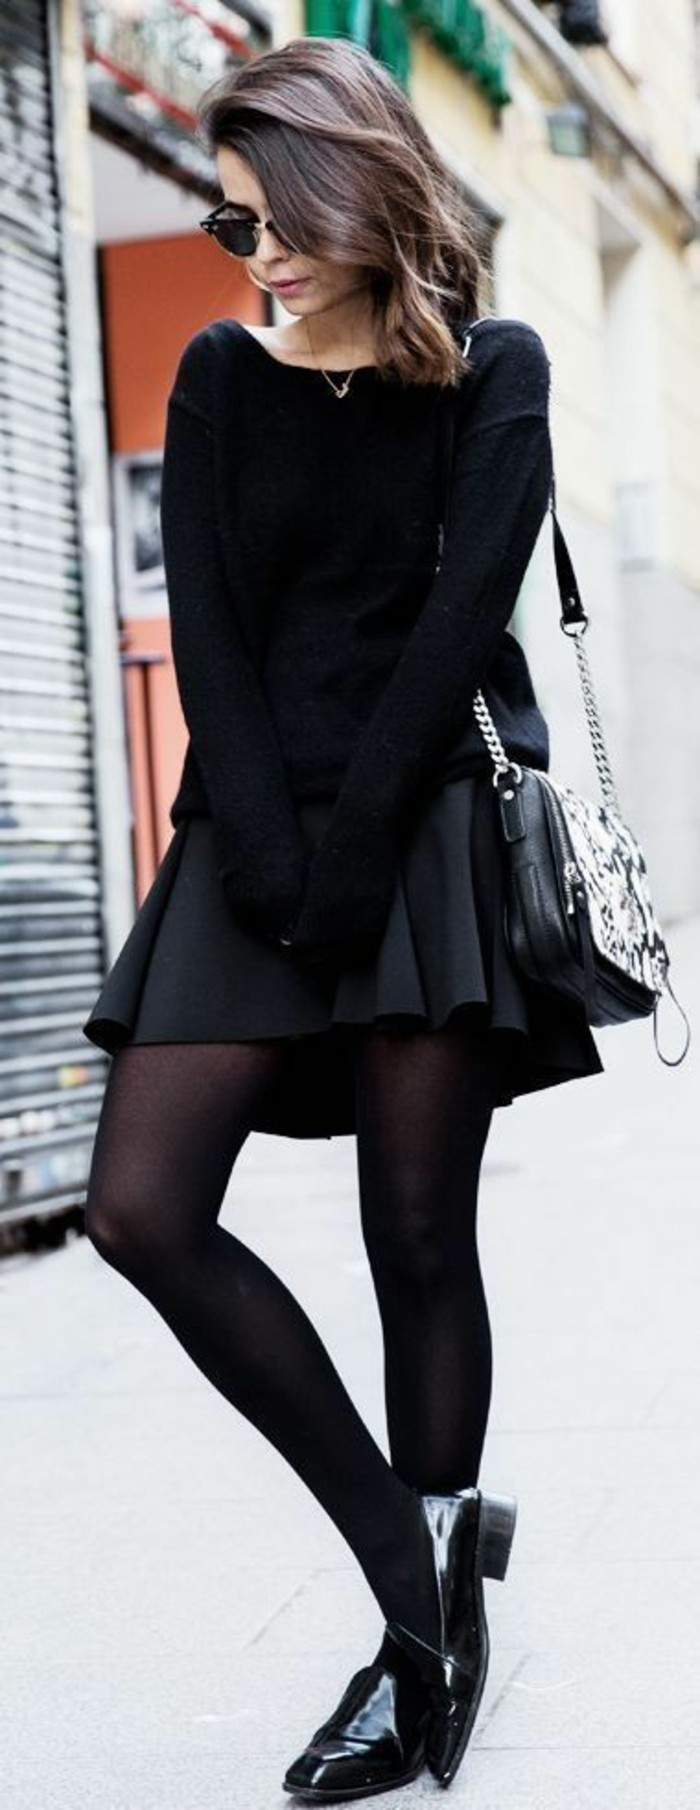 vestirsi-bene-spendendo-poco-donna-mini-gonna-nera-collant-mocassini-maglione-abiti-dark